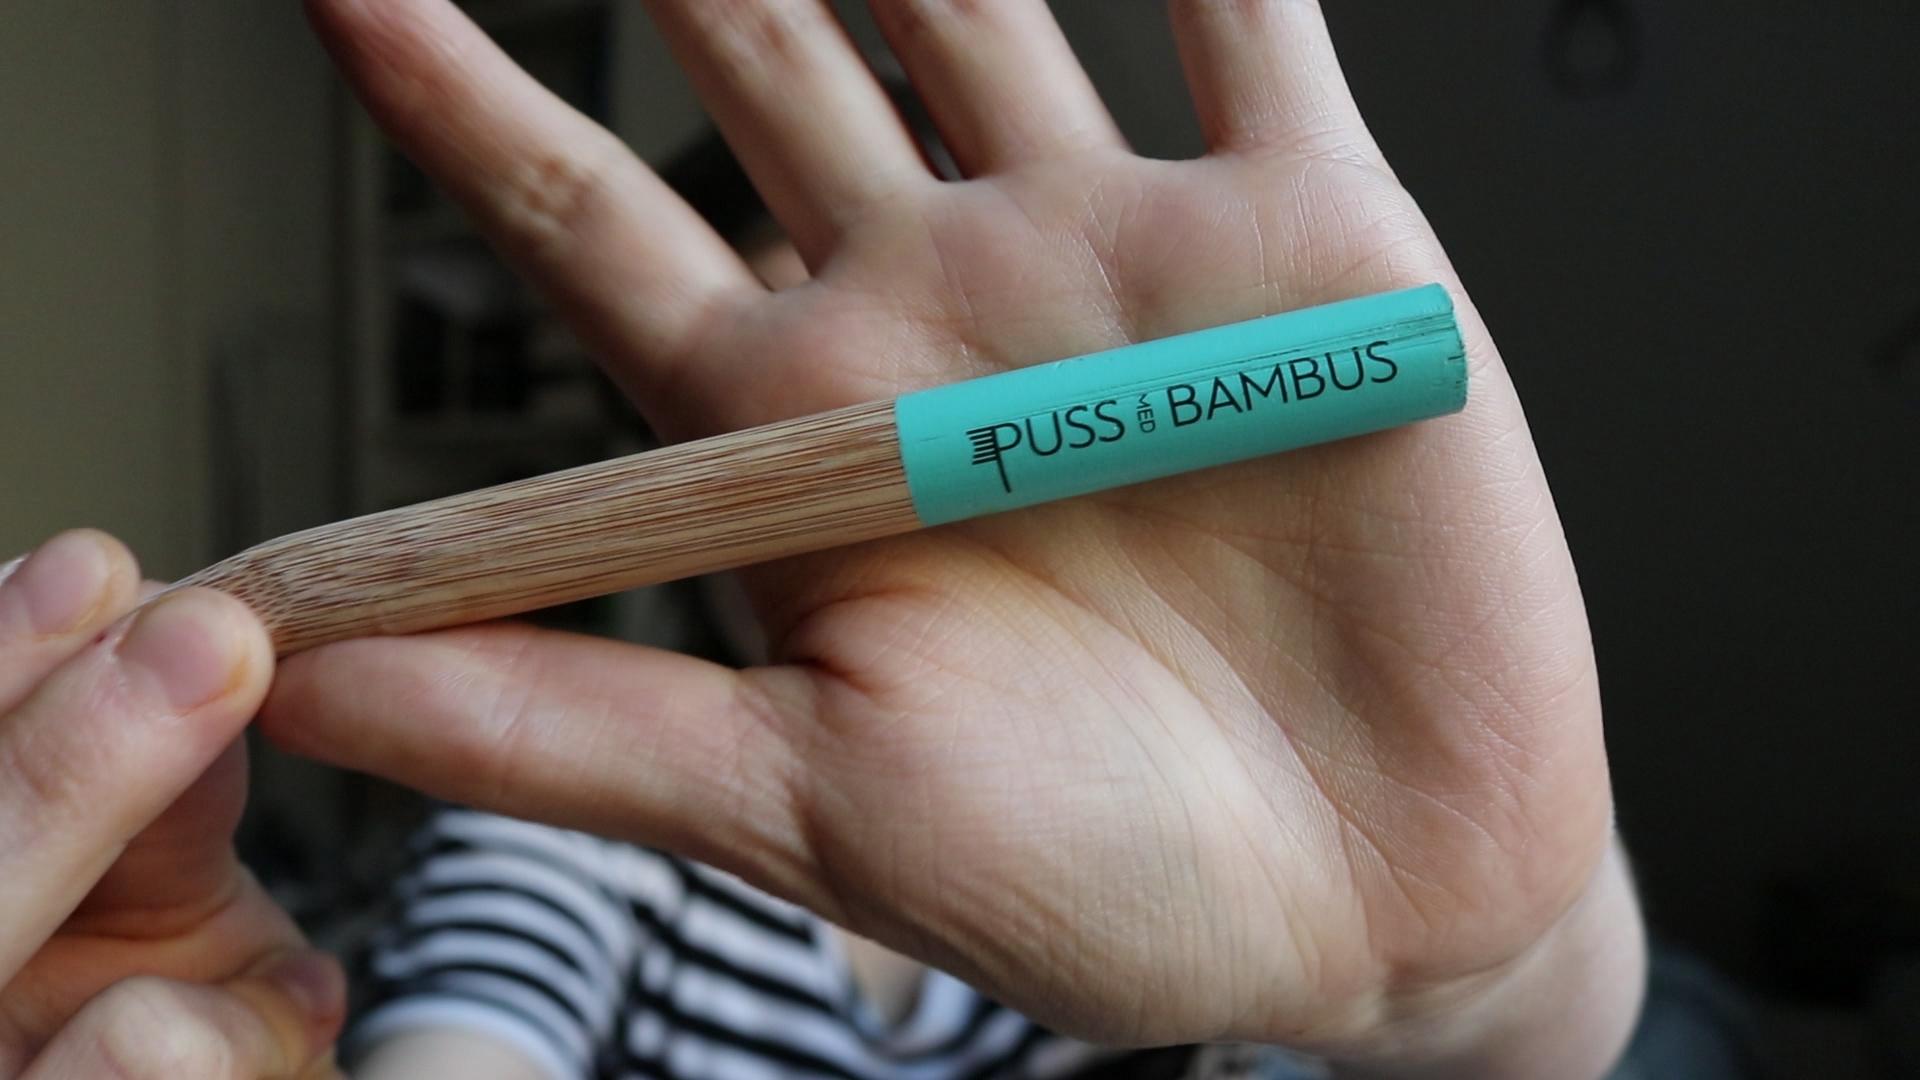 Puss med bambus produserer en miljøvennlig tannkost